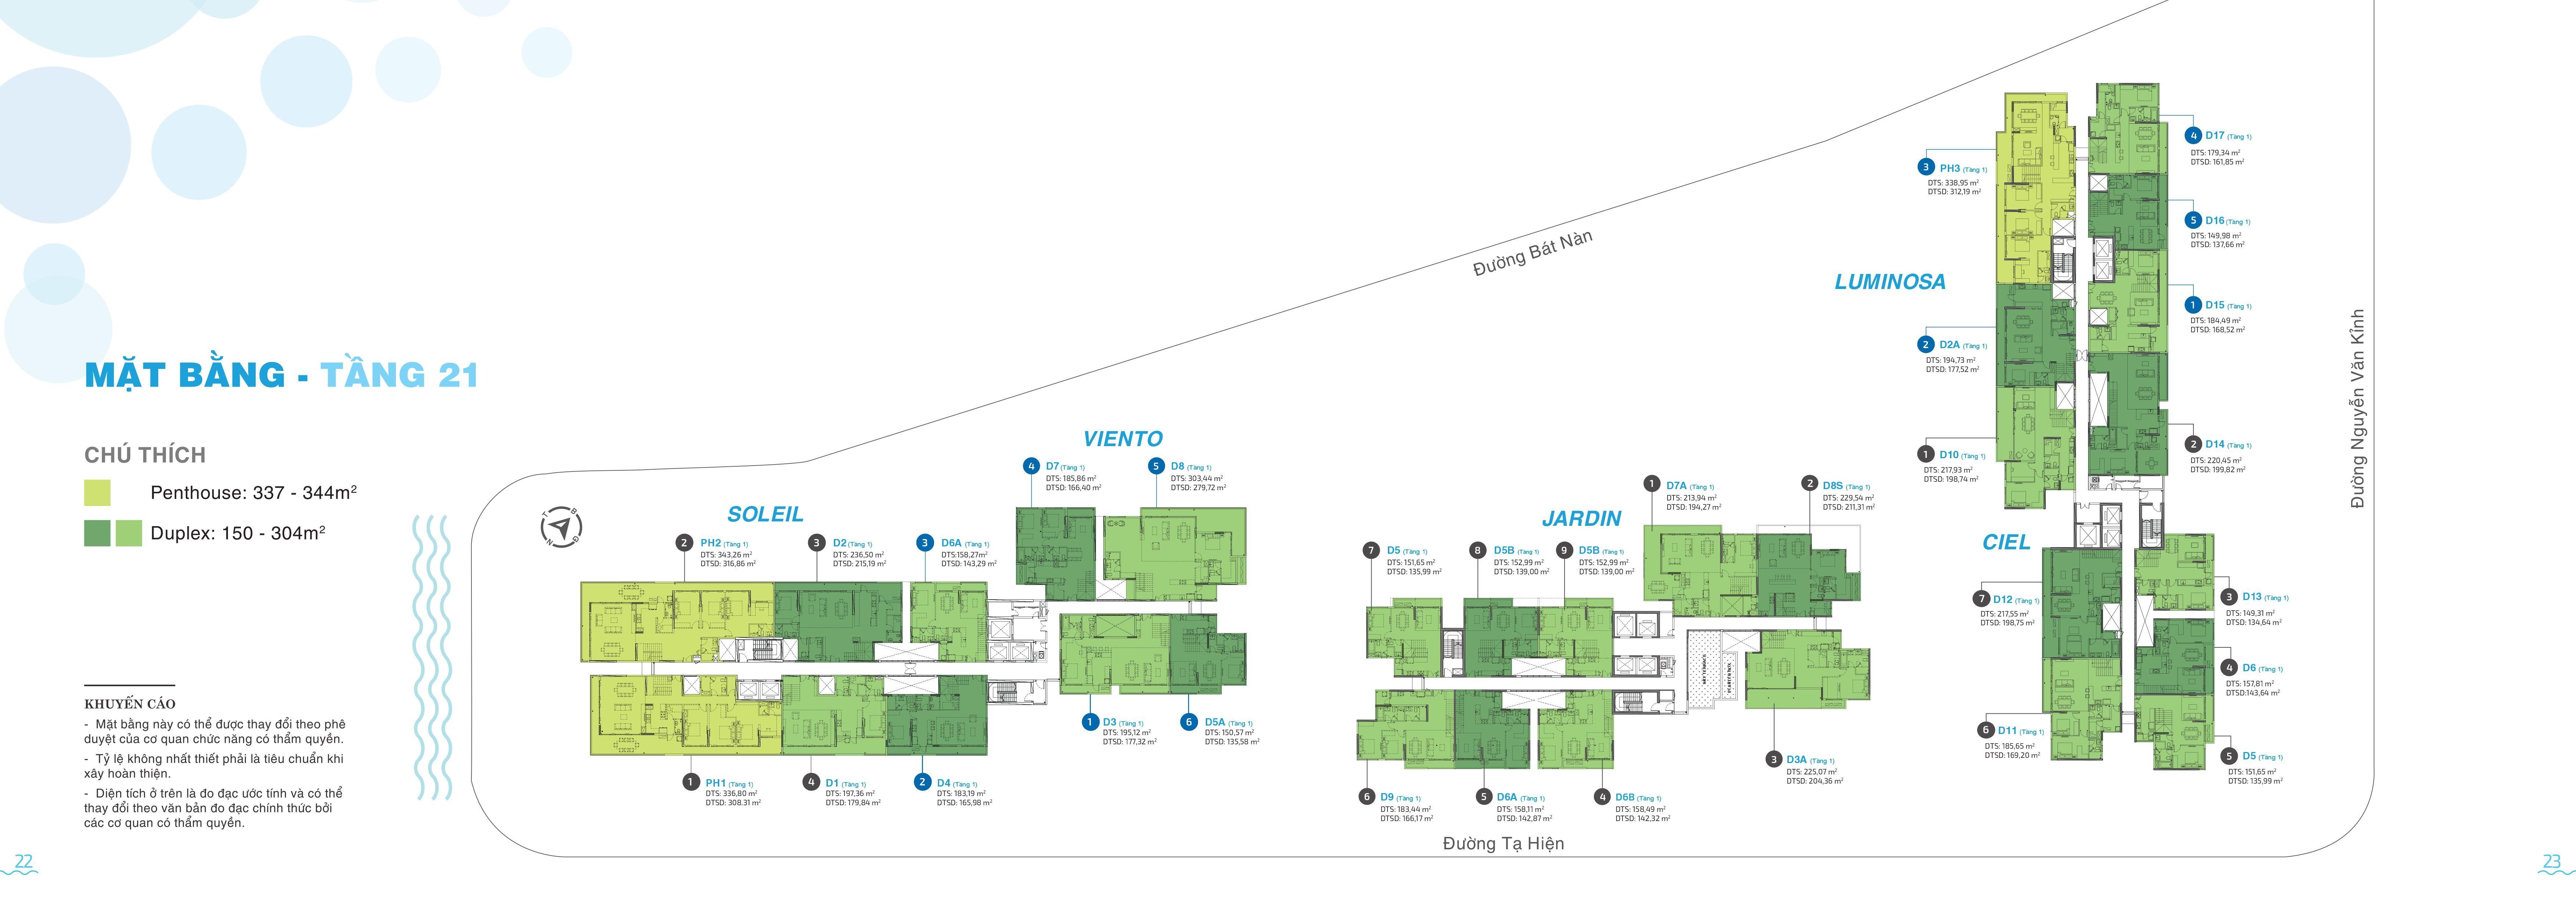 Bán căn hộ chung cư One Verandah Mapletree, Đường Bát Nàn, Quận 2